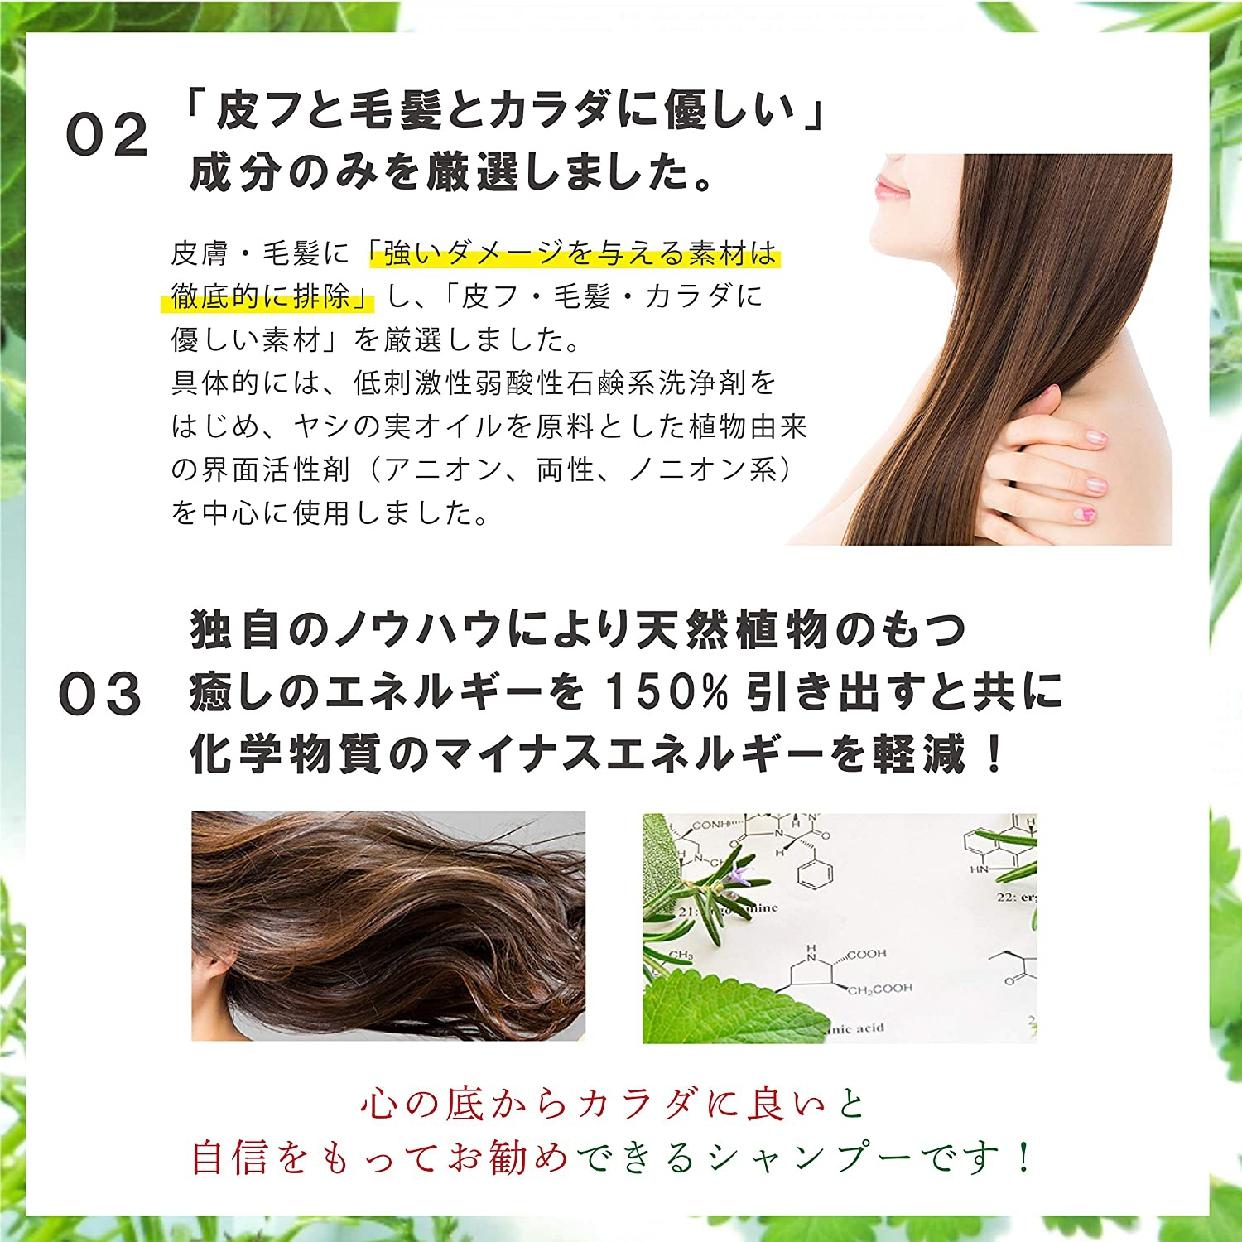 安心シャンプー(アンシンシャンプー) アロマの香の商品画像6